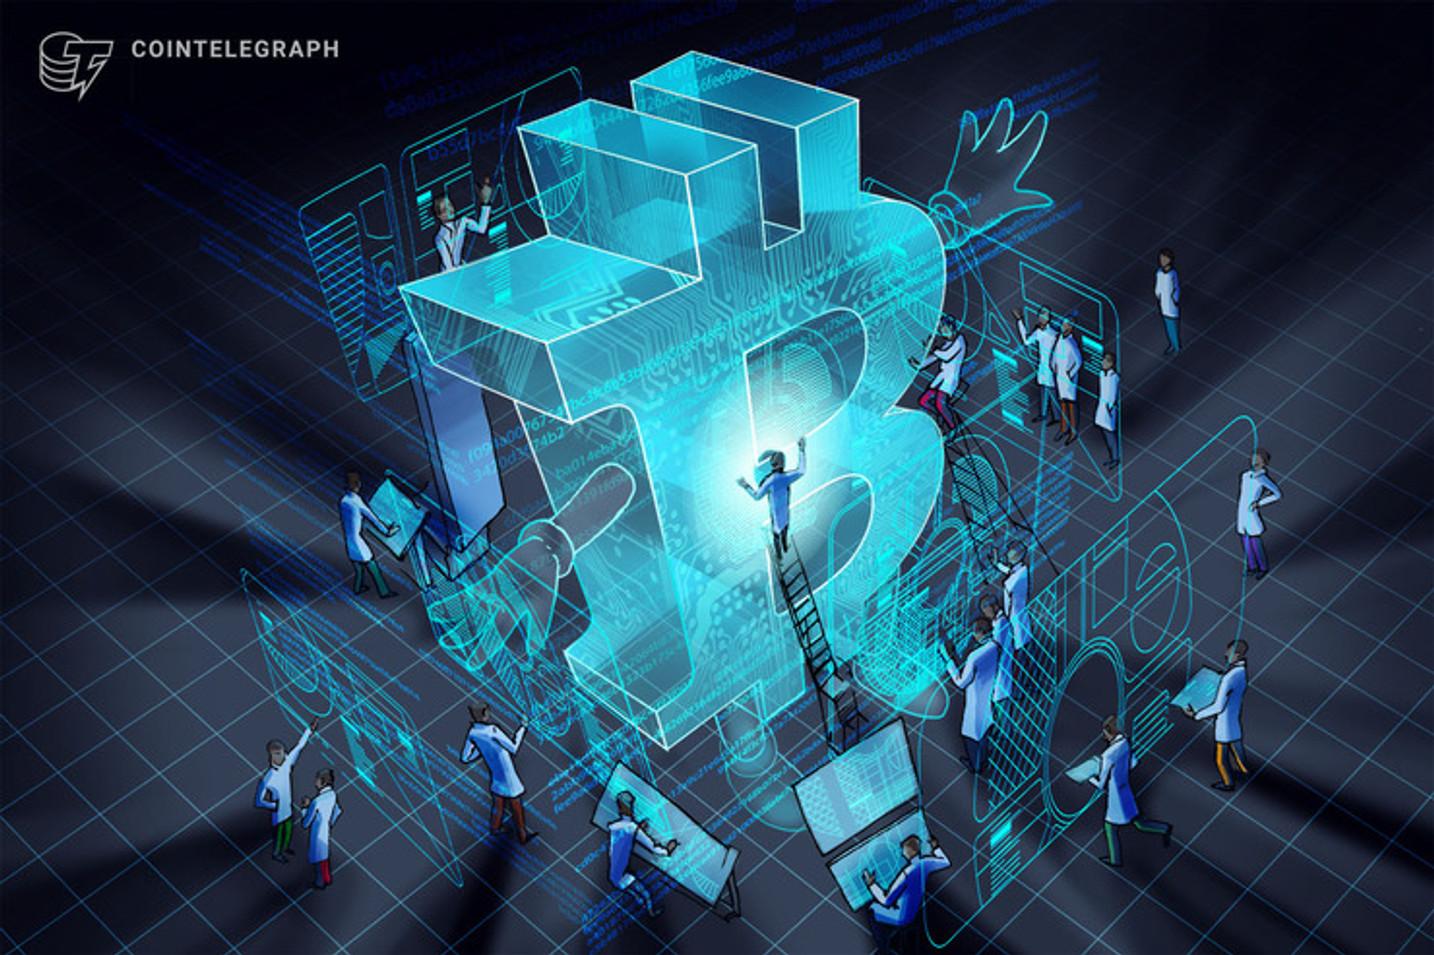 La tasa hash de Bitcoin impulsa el aumento de precios más alto de todos los tiempos